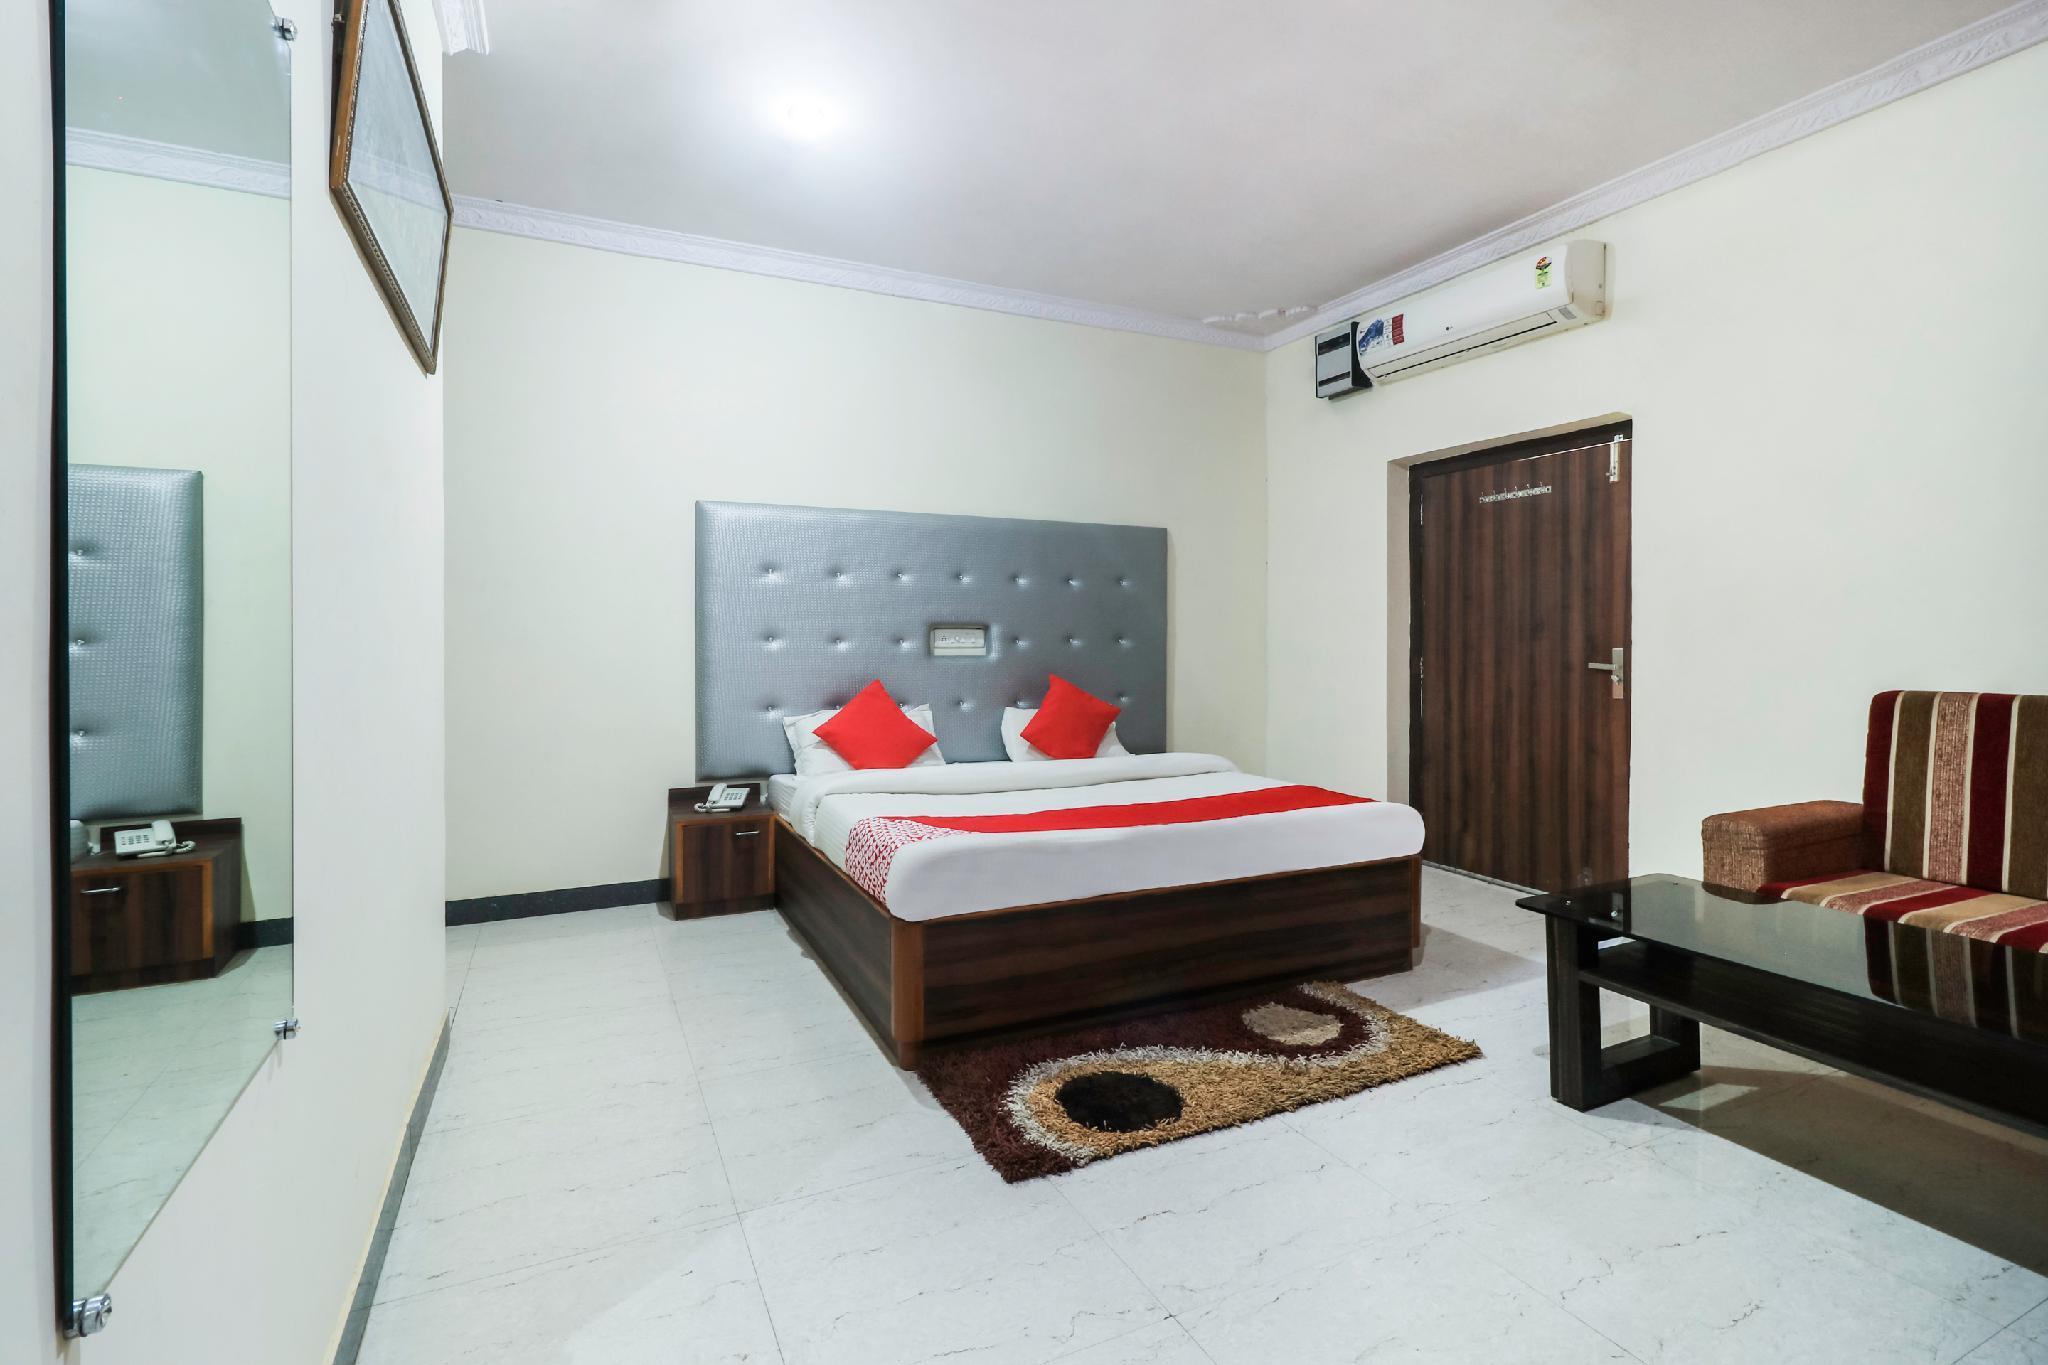 OYO 29089 Hotel Shiv Villas